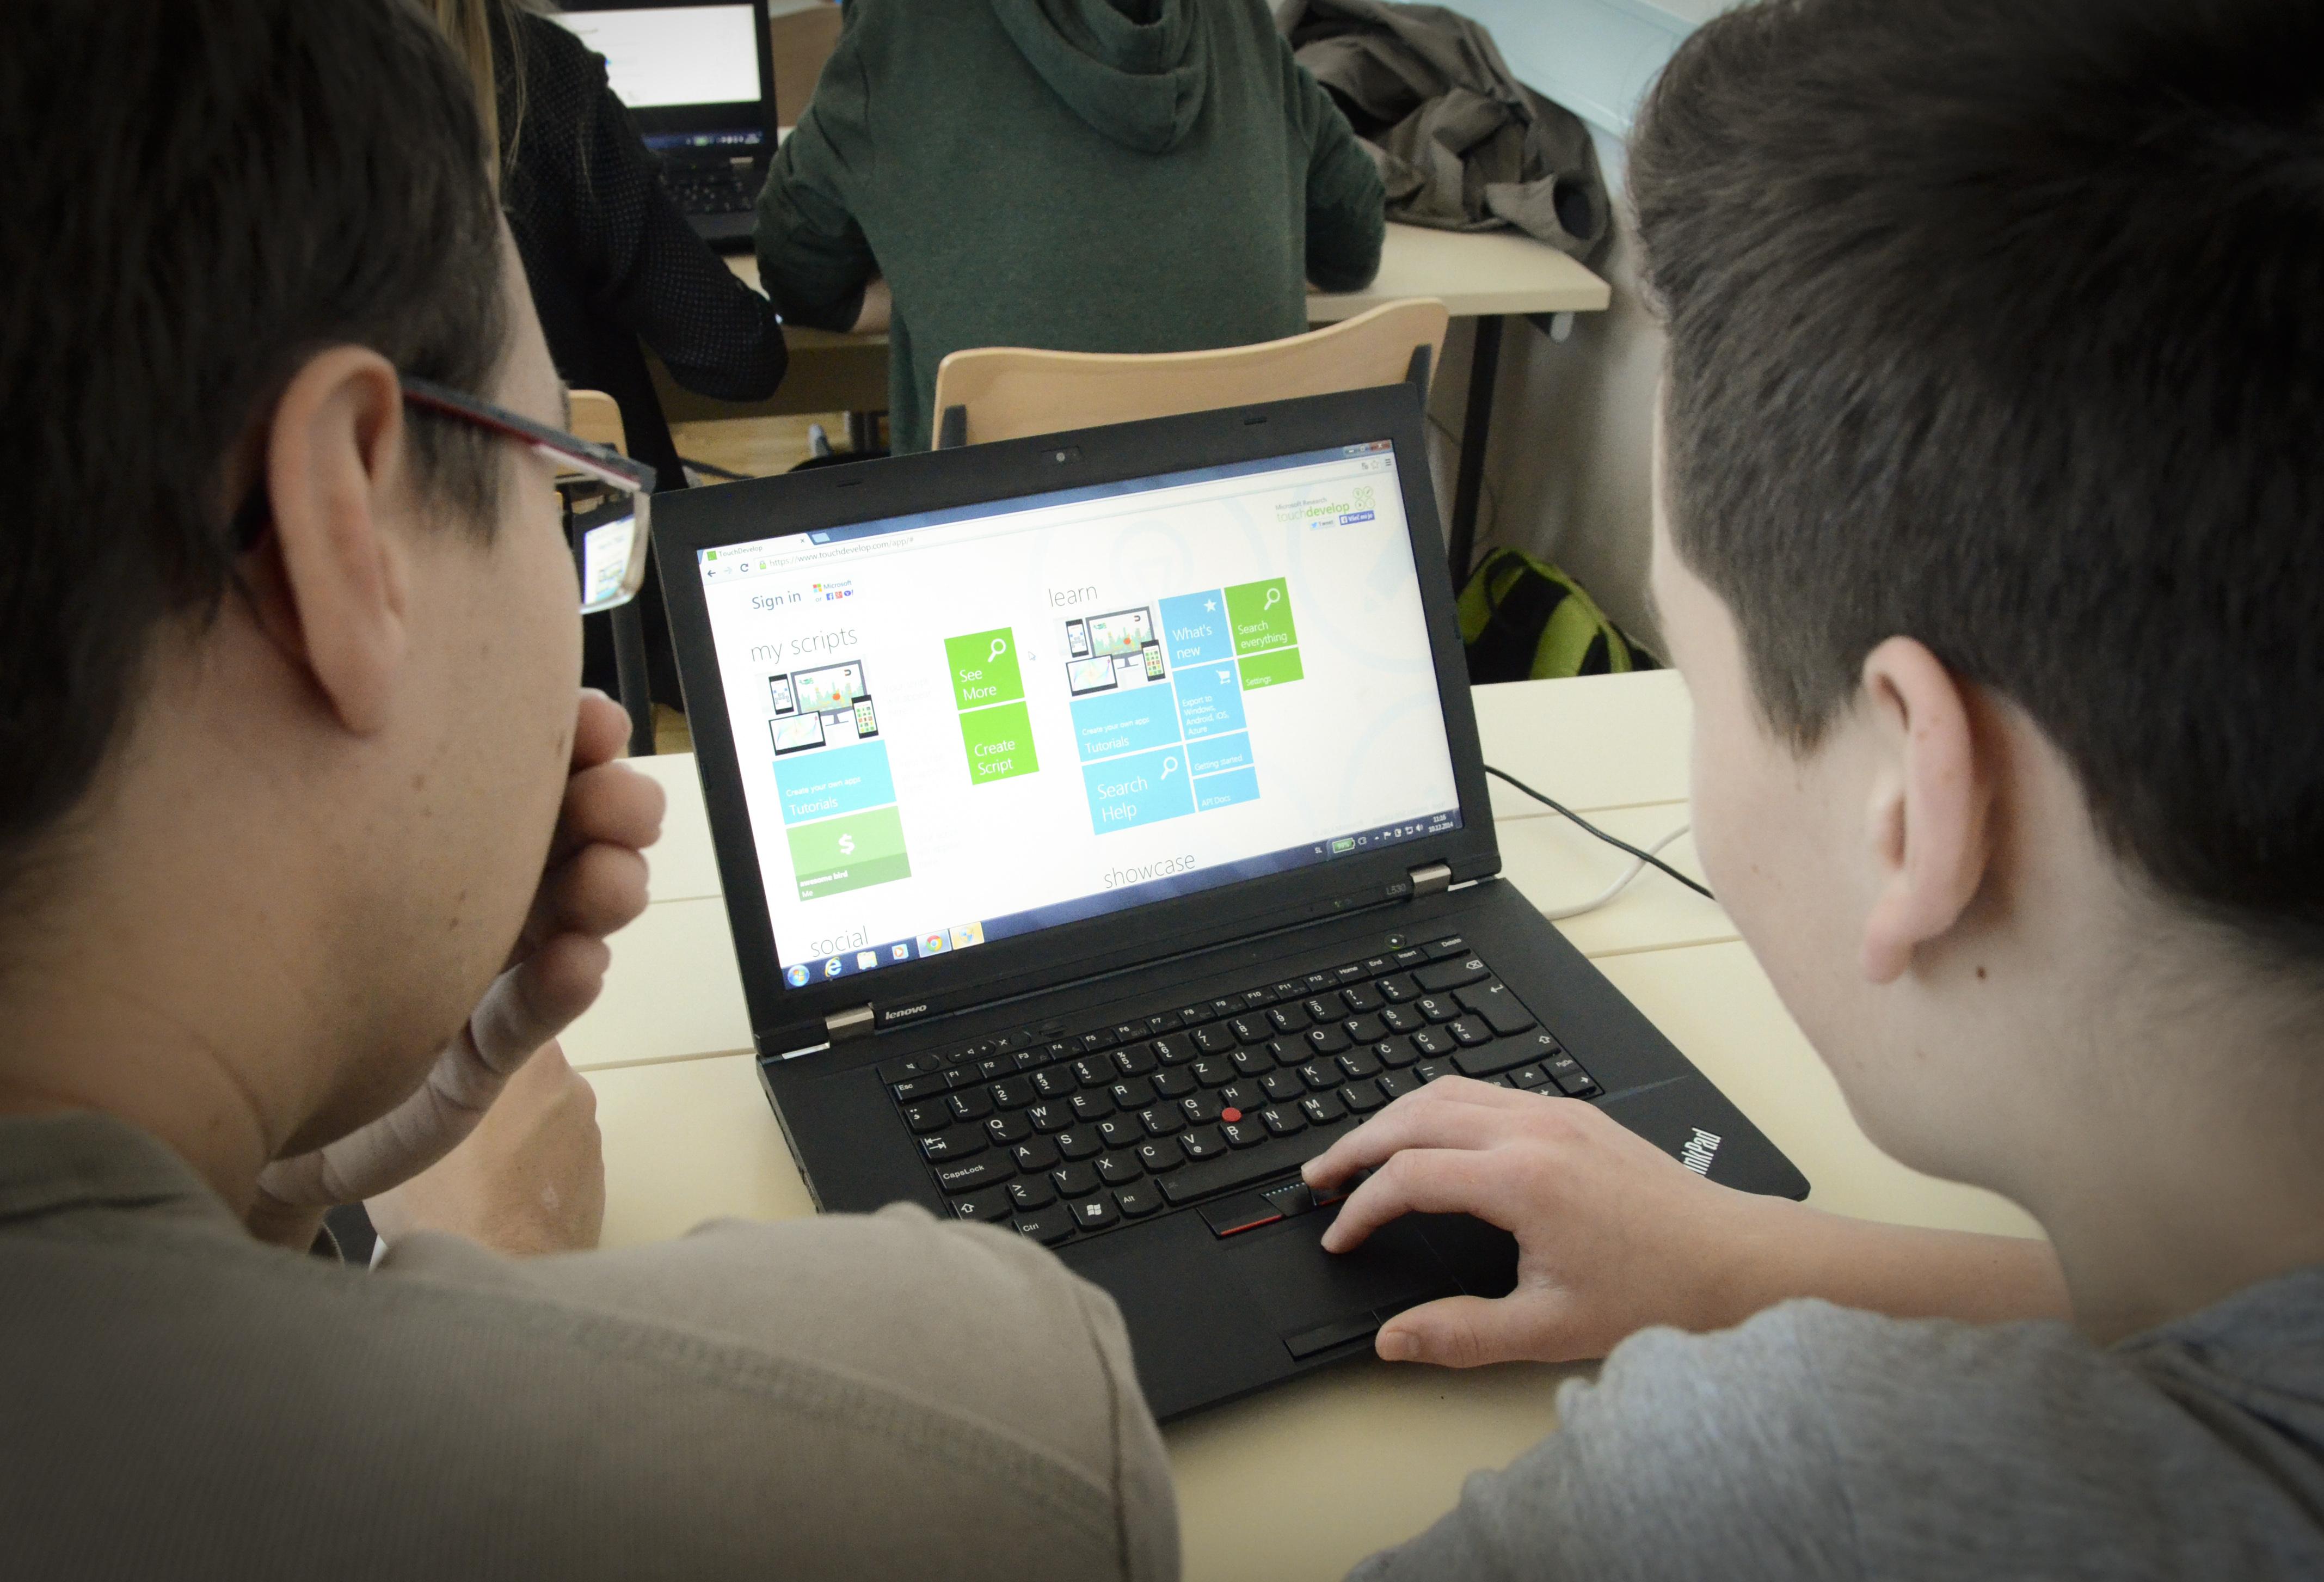 Ura programiranja je med dijaki Gimnazije Vič vzbudila veliko zanimanja